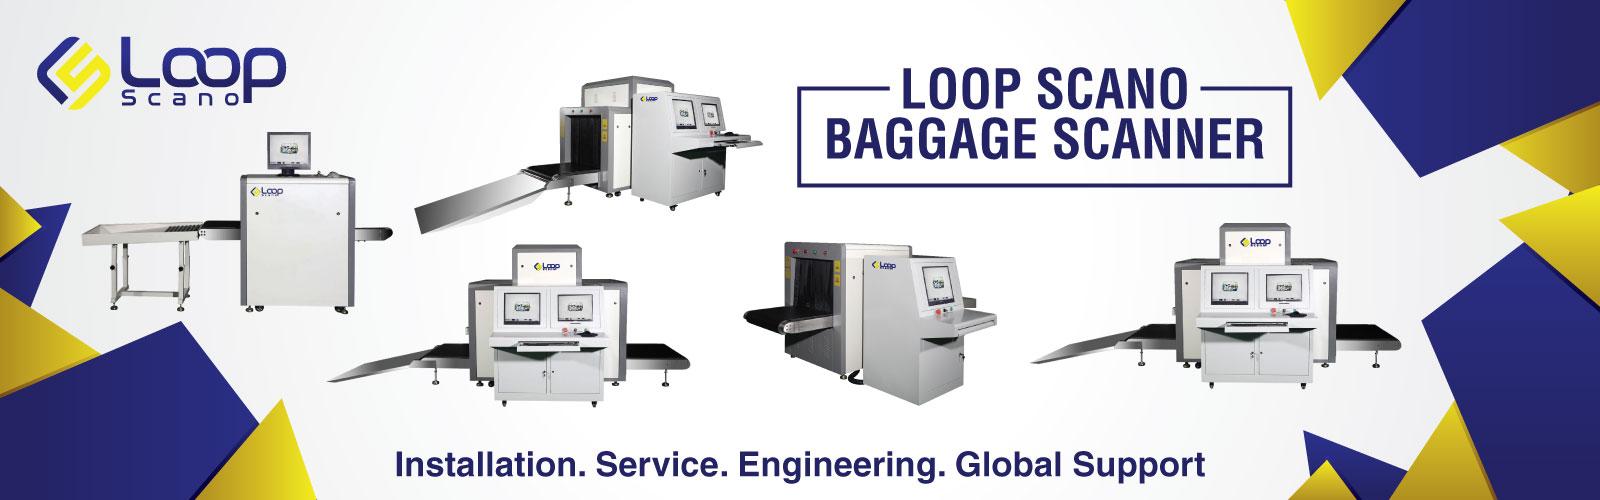 Loop Scano Baggage Scanner